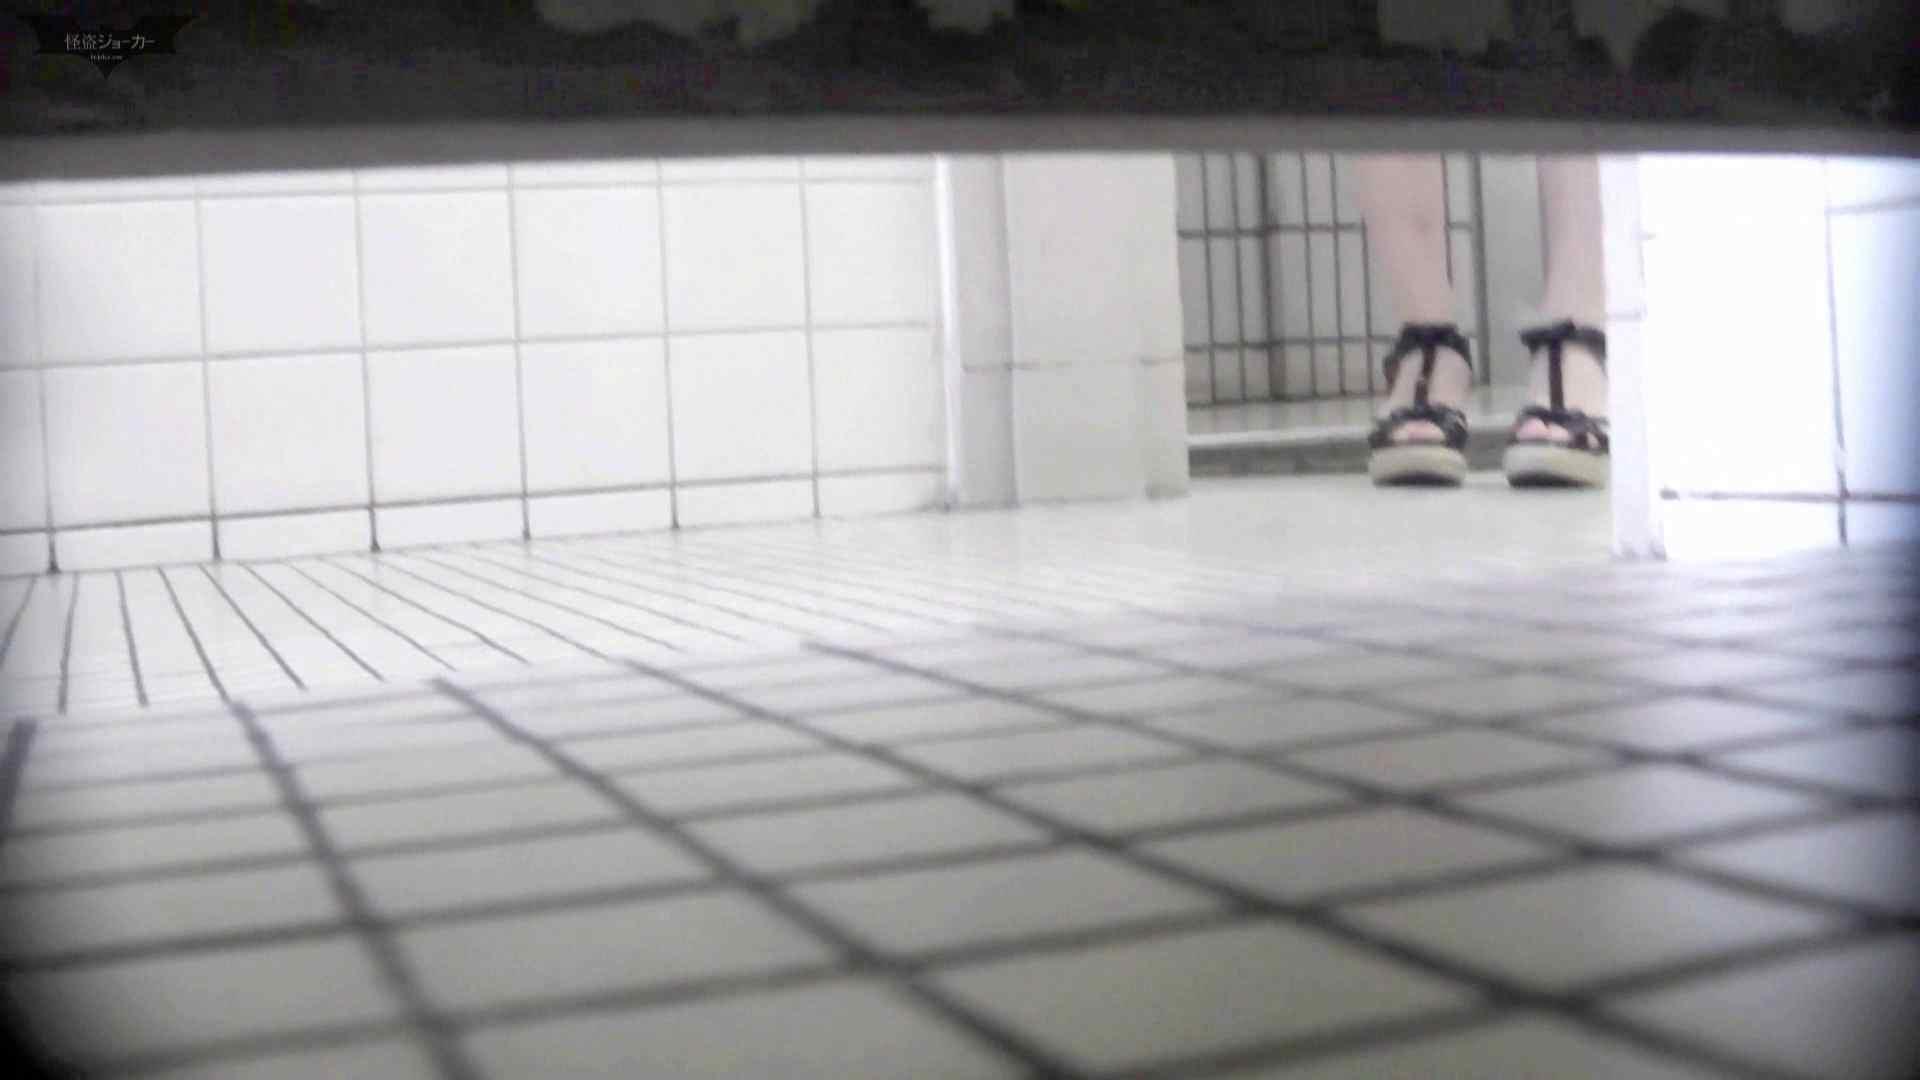 【潜入トイレ盗撮】洗面所特攻隊 vol.70 極上品の連続、歌いながら美女入室 盗撮エロすぎ | トイレ中  90連発 8